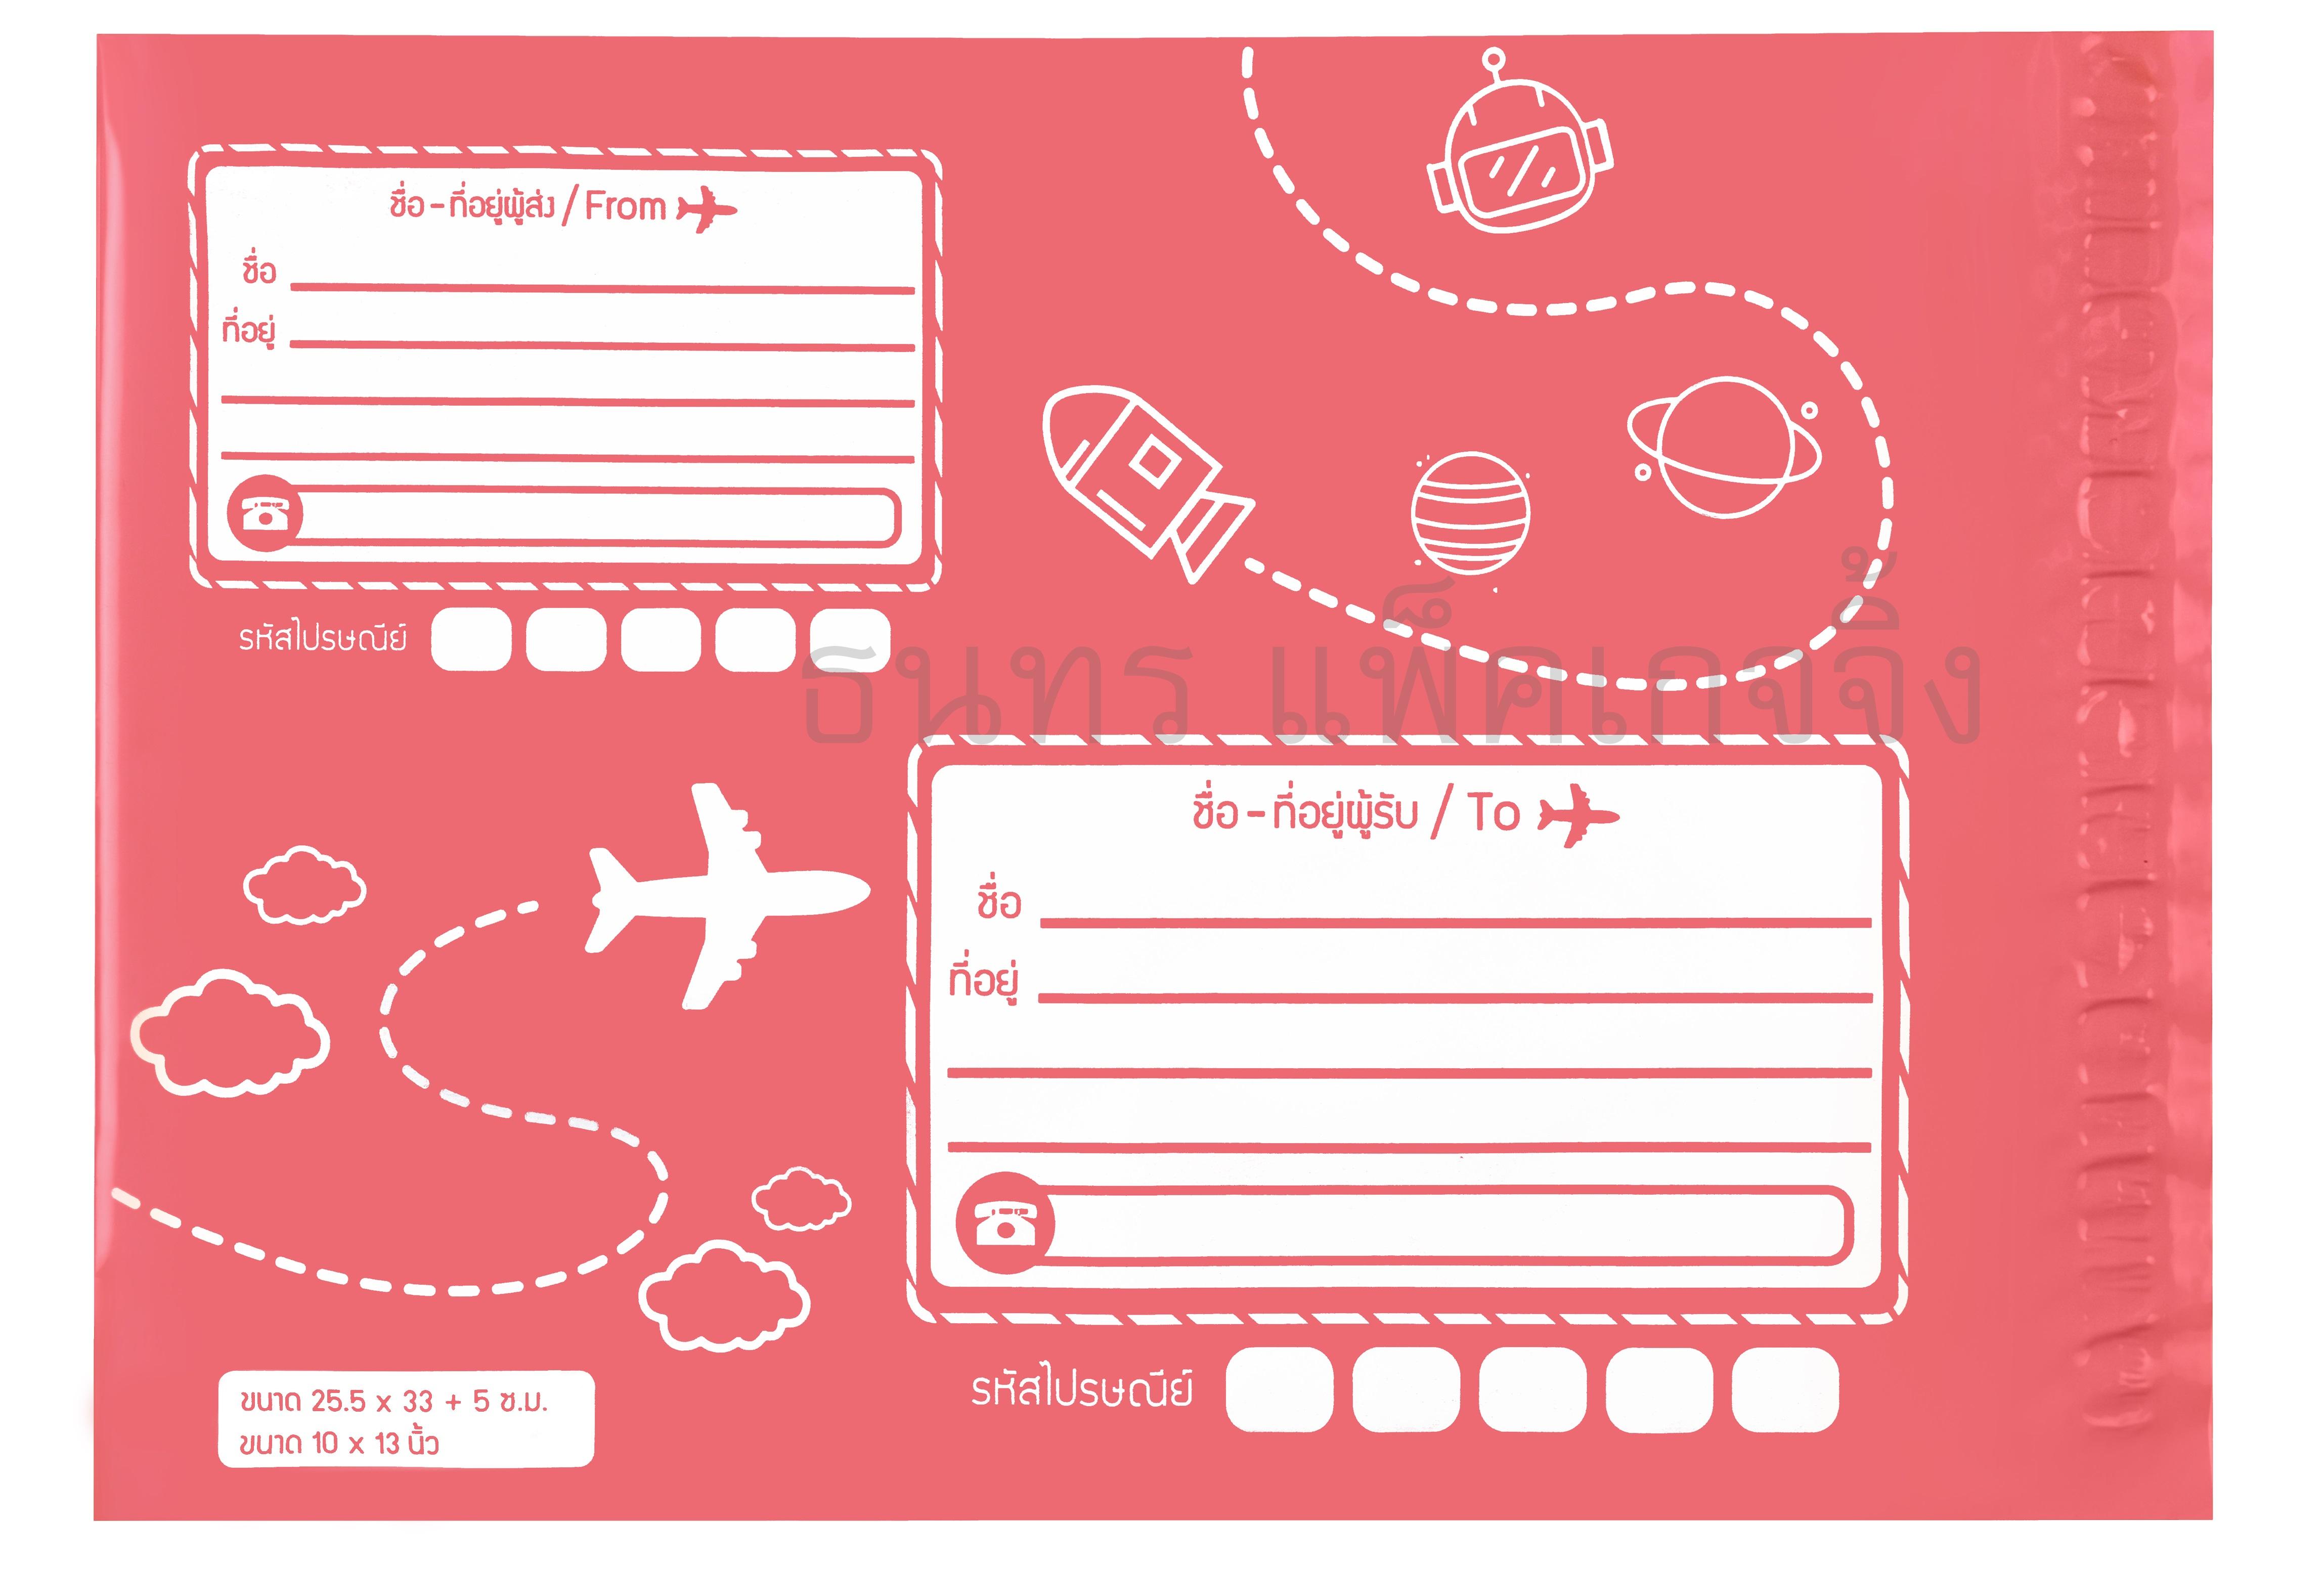 ซองไปรษณีย์พลาสติก สีชมพู ขนาด 10 X 13 นิ้ว (25.5 X 33 ซม.) ซองละ 2.6 บาท